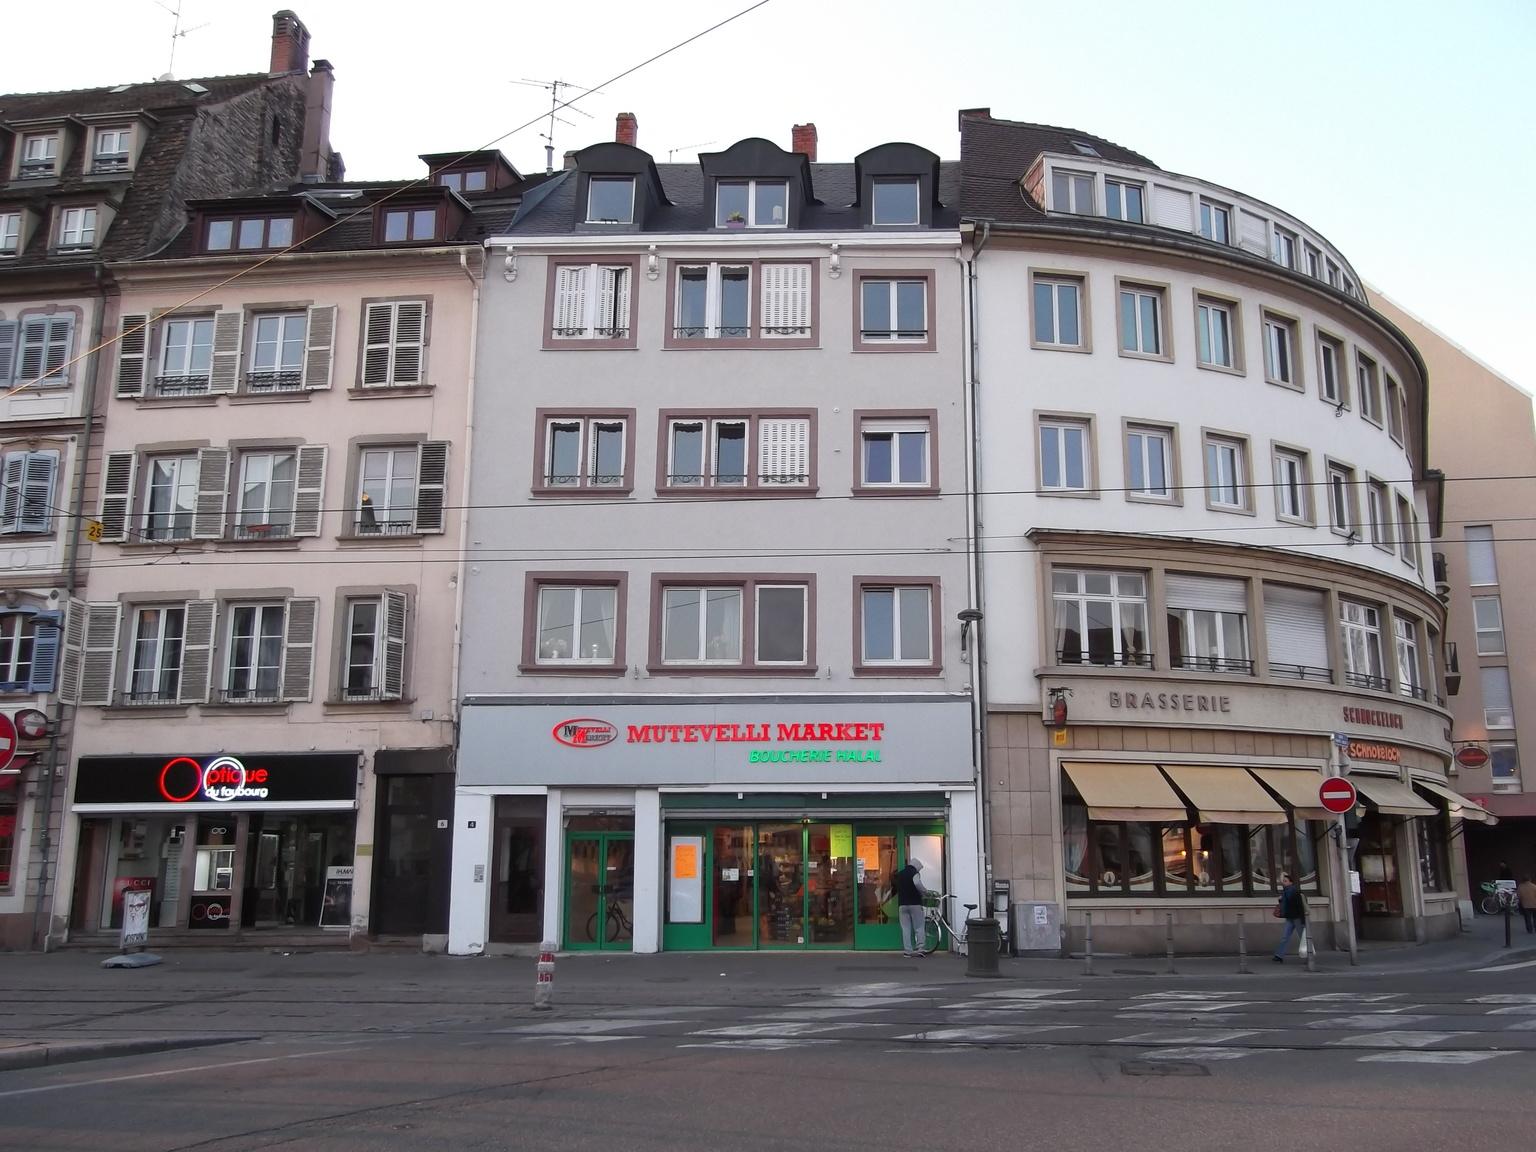 Chaton A Donner Strasbourg Nouveau Maisons De Strasbourg Résultats De Recherche Jean Kamm